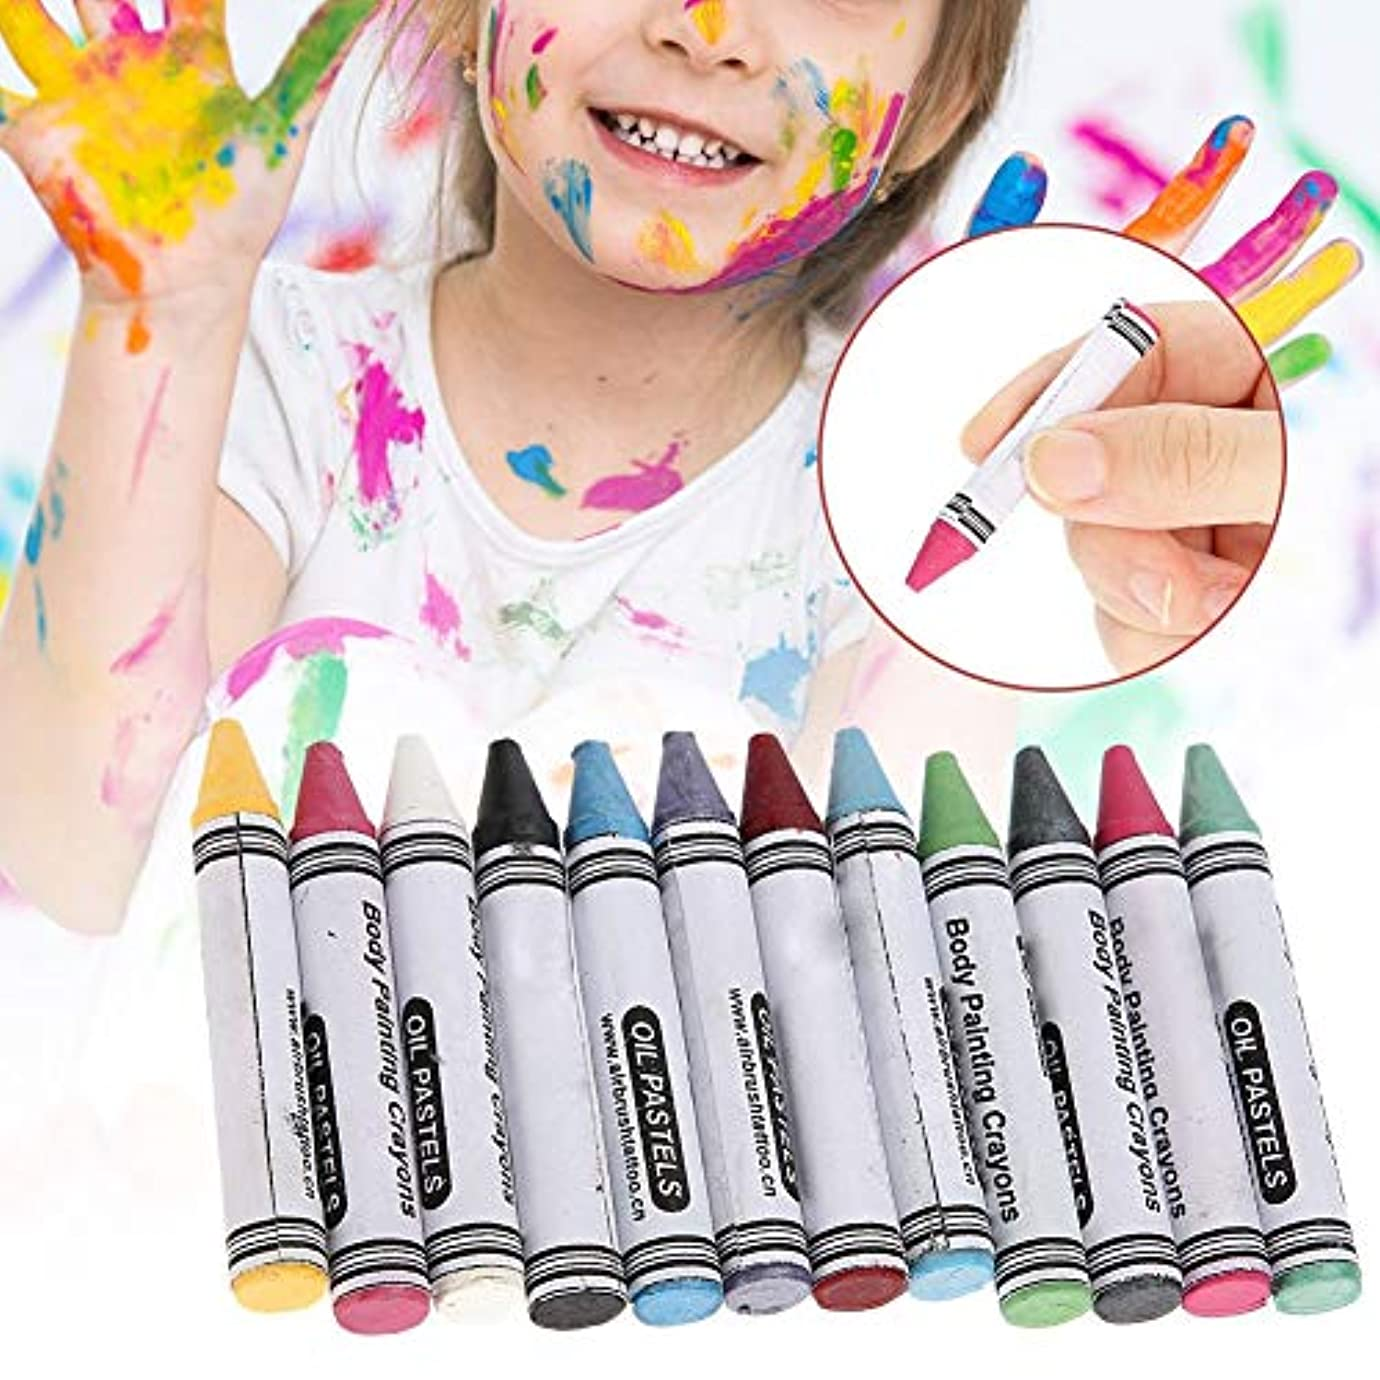 外科医独裁因子12色 人体の彩絵クレヨン、パーティー祝日 子供用 環境保護 プレゼント